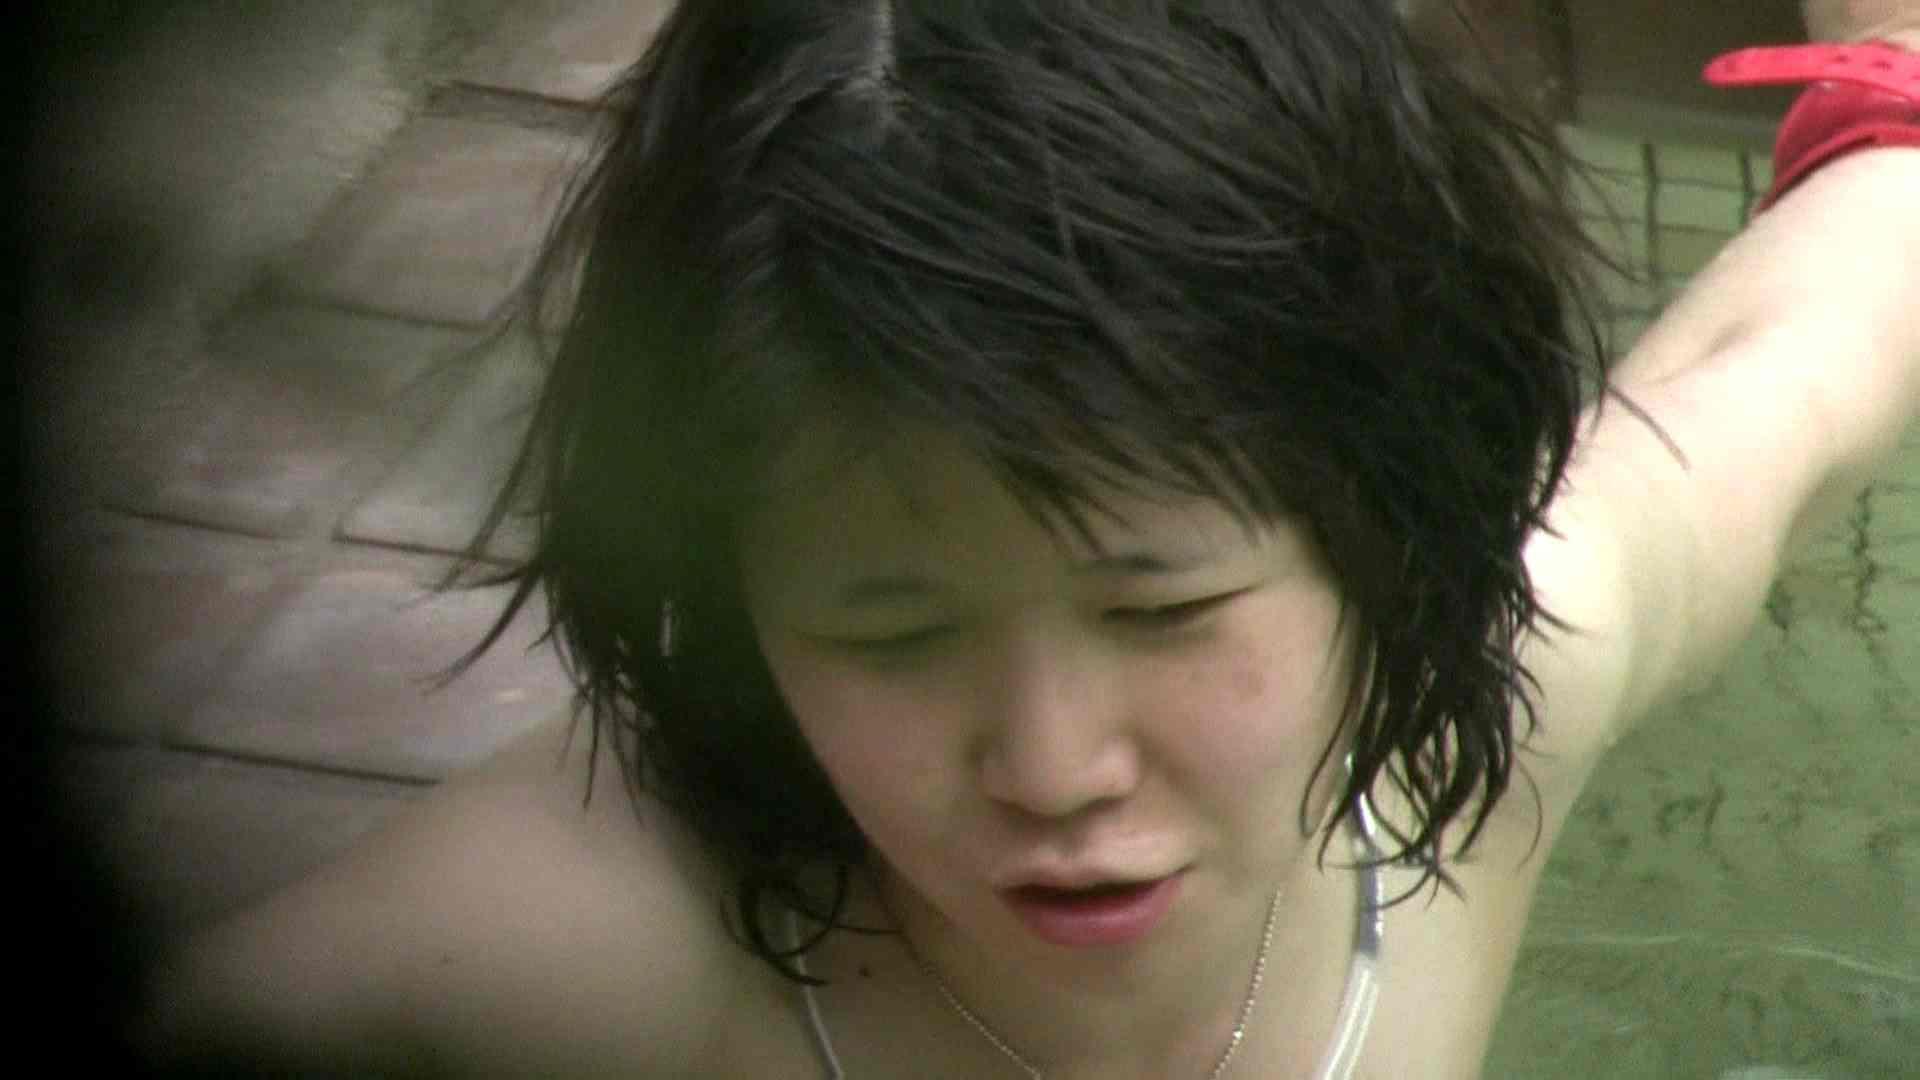 Aquaな露天風呂Vol.655 美しいOLの裸体  72pic 66